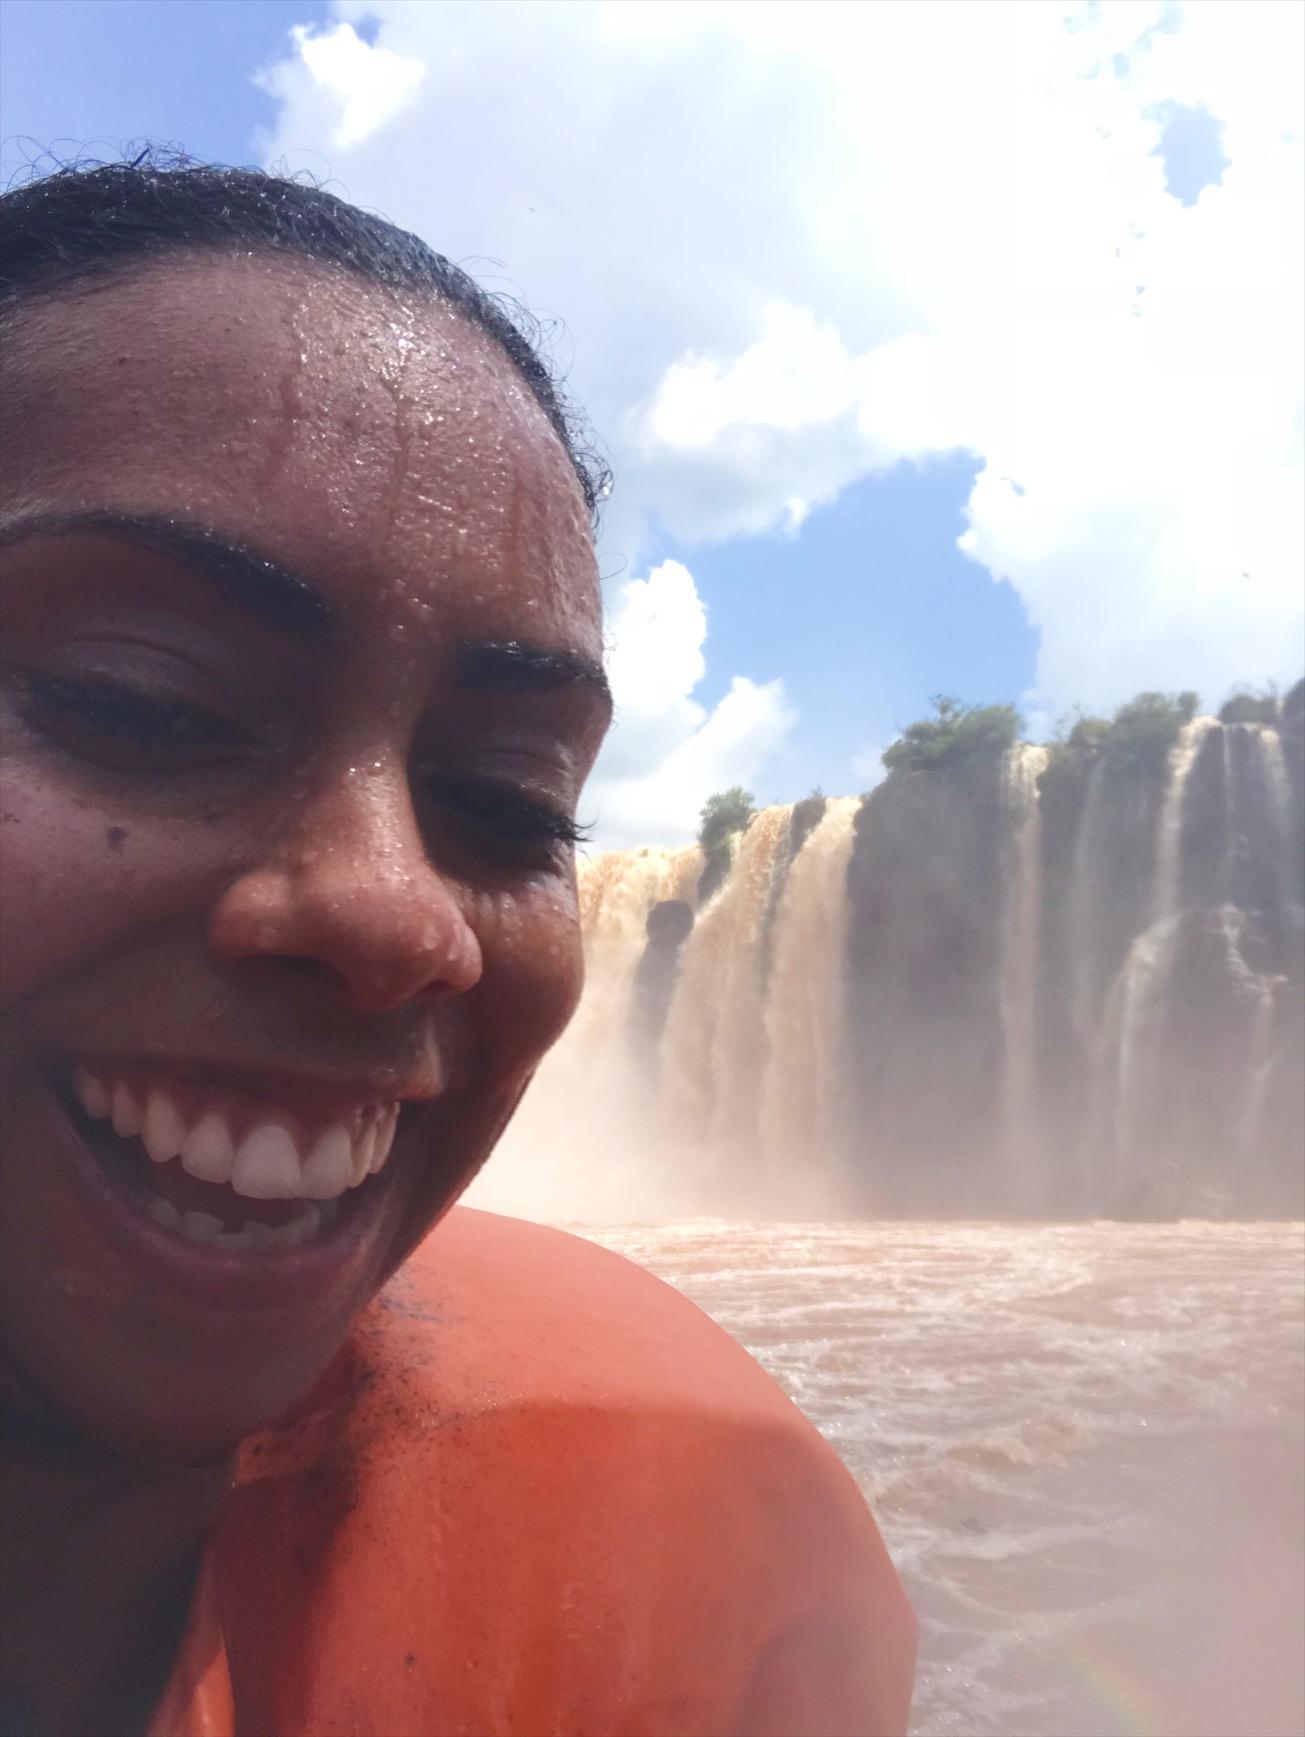 A boat ride at Iguazu falls